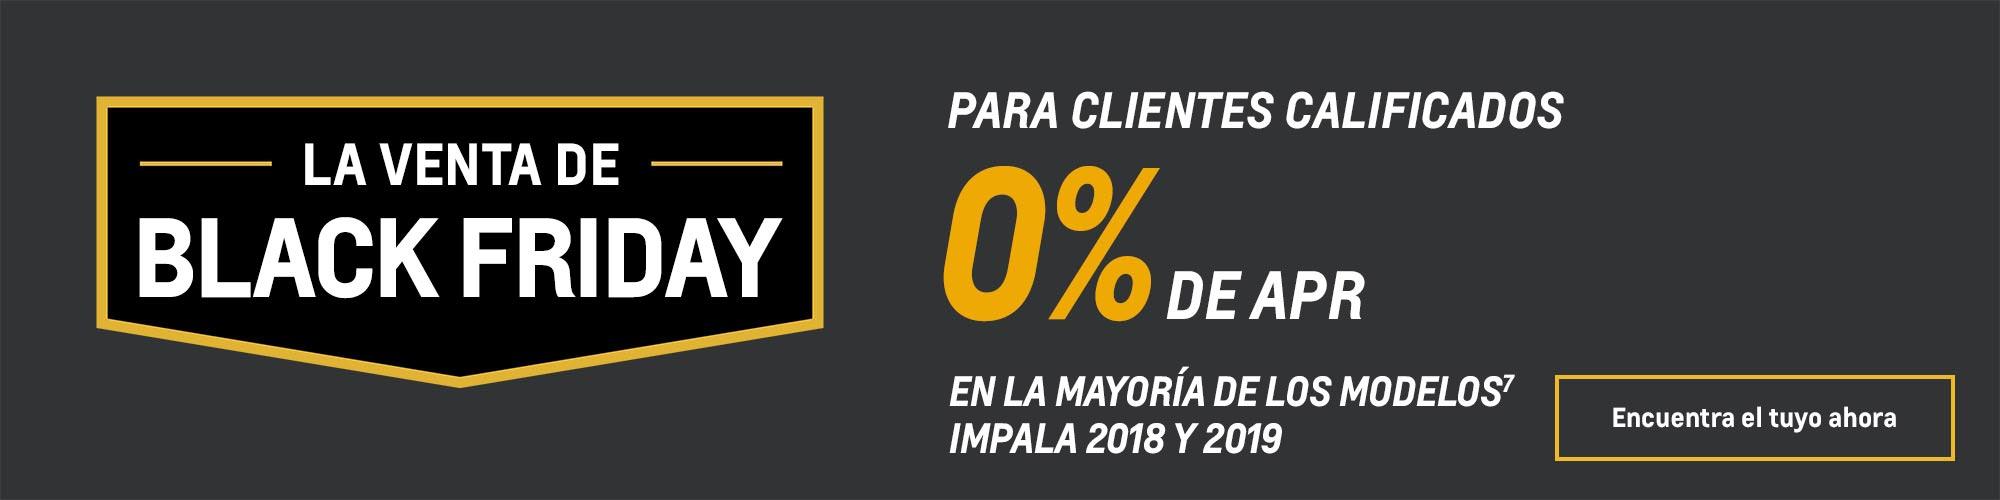 Ofertas Black Friday de Chevy: Impala: 0% de APR